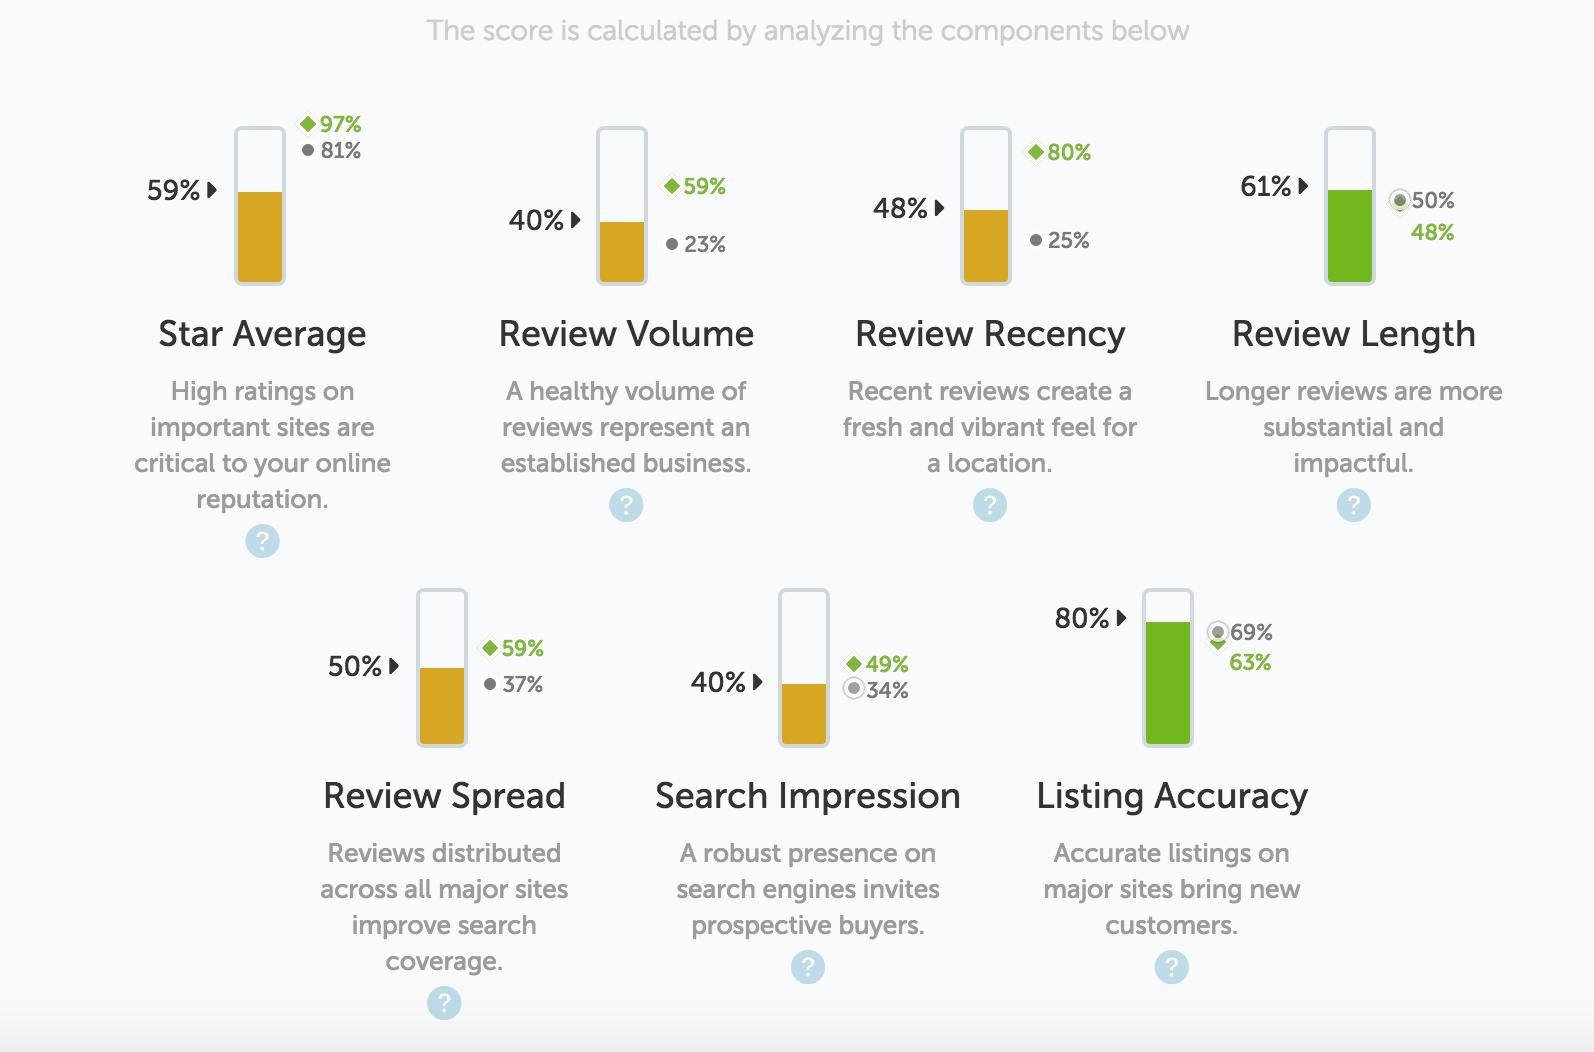 aHViPTYzMzMwJmNtZD1pdGVtZWRpdG9yaW1hZ2UmZmlsZW5hbWU9aXRlbWVkaXRvcmltYWdlXzU4MDBmOGQ5OWIzNDIucG5nJnZlcnNpb249MDAwMCZzaWc9YWYzZDNkYWU1ZjNiYTg4ODg0ZjAzODM1YTNjMDI3ZDc%253D - Reputation Score is the Ultimate Measure of Brand Trust